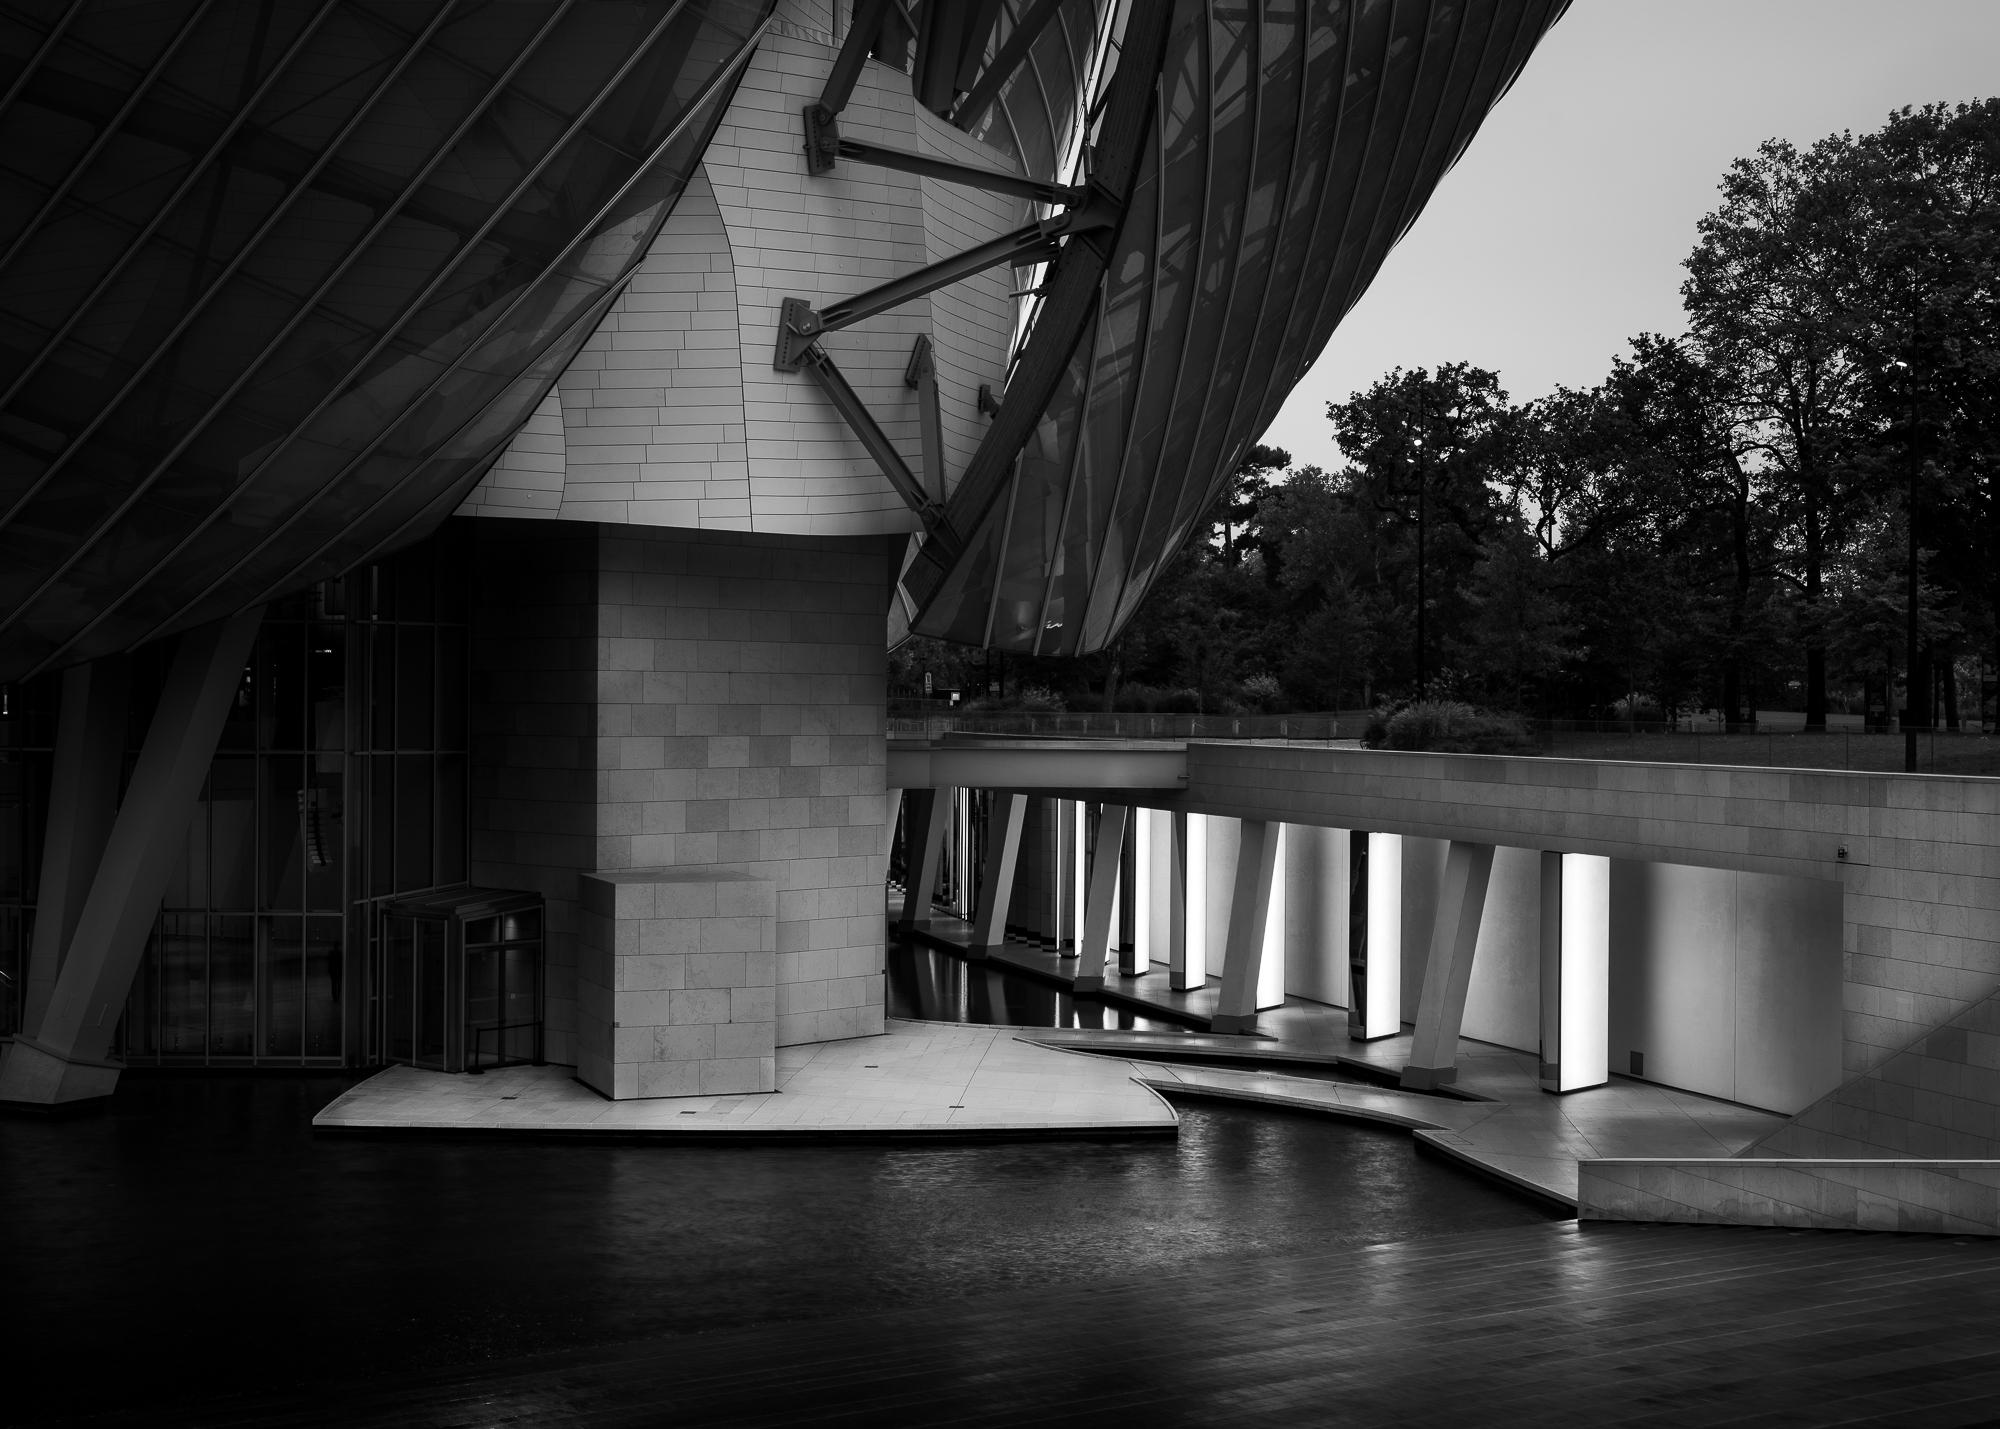 Fondation Louis Vuitton I